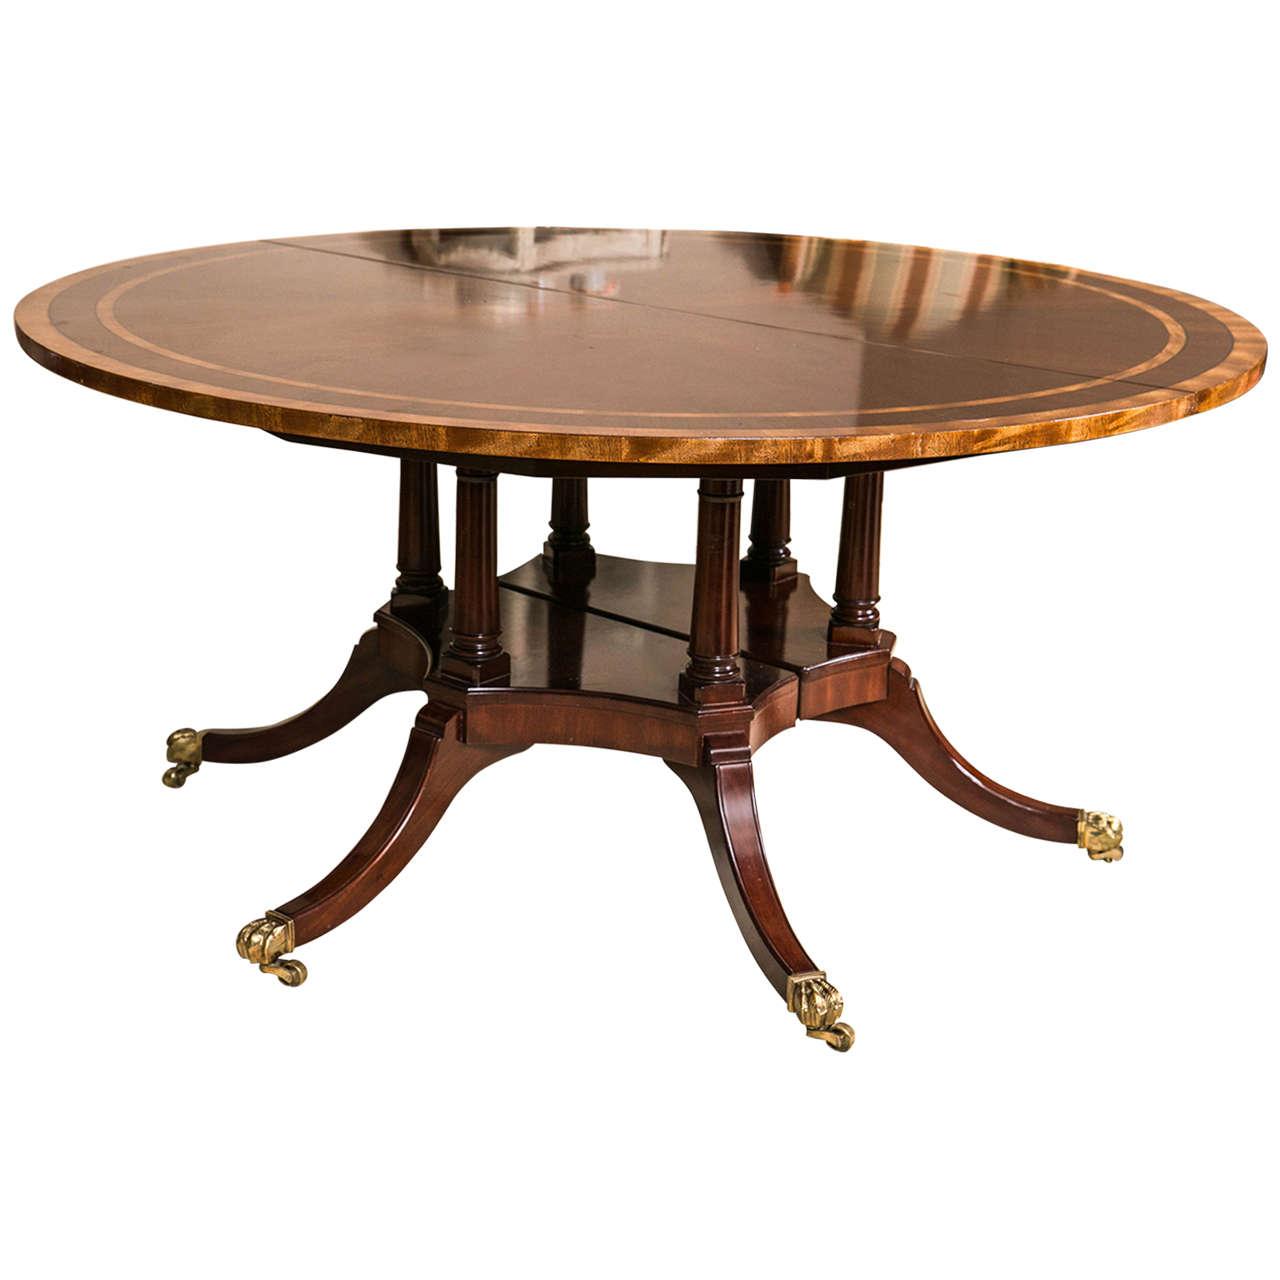 English Regency Style Mahogany Circular Dining Table At 1stdibs